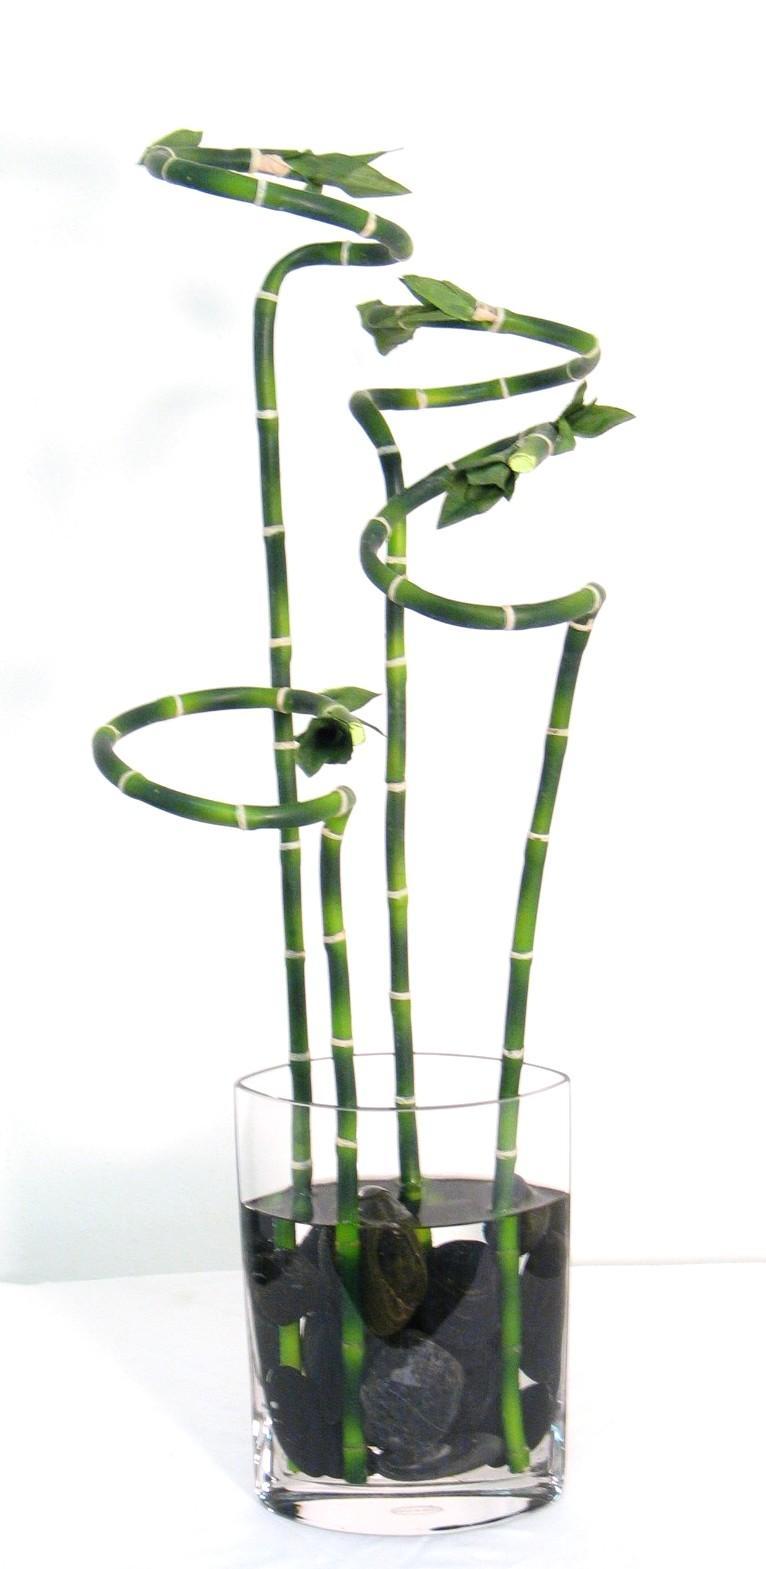 Bamboo worktops photos lucky bamboo vase lucky bamboo vase4 lucky bamboo vase reviewsmspy